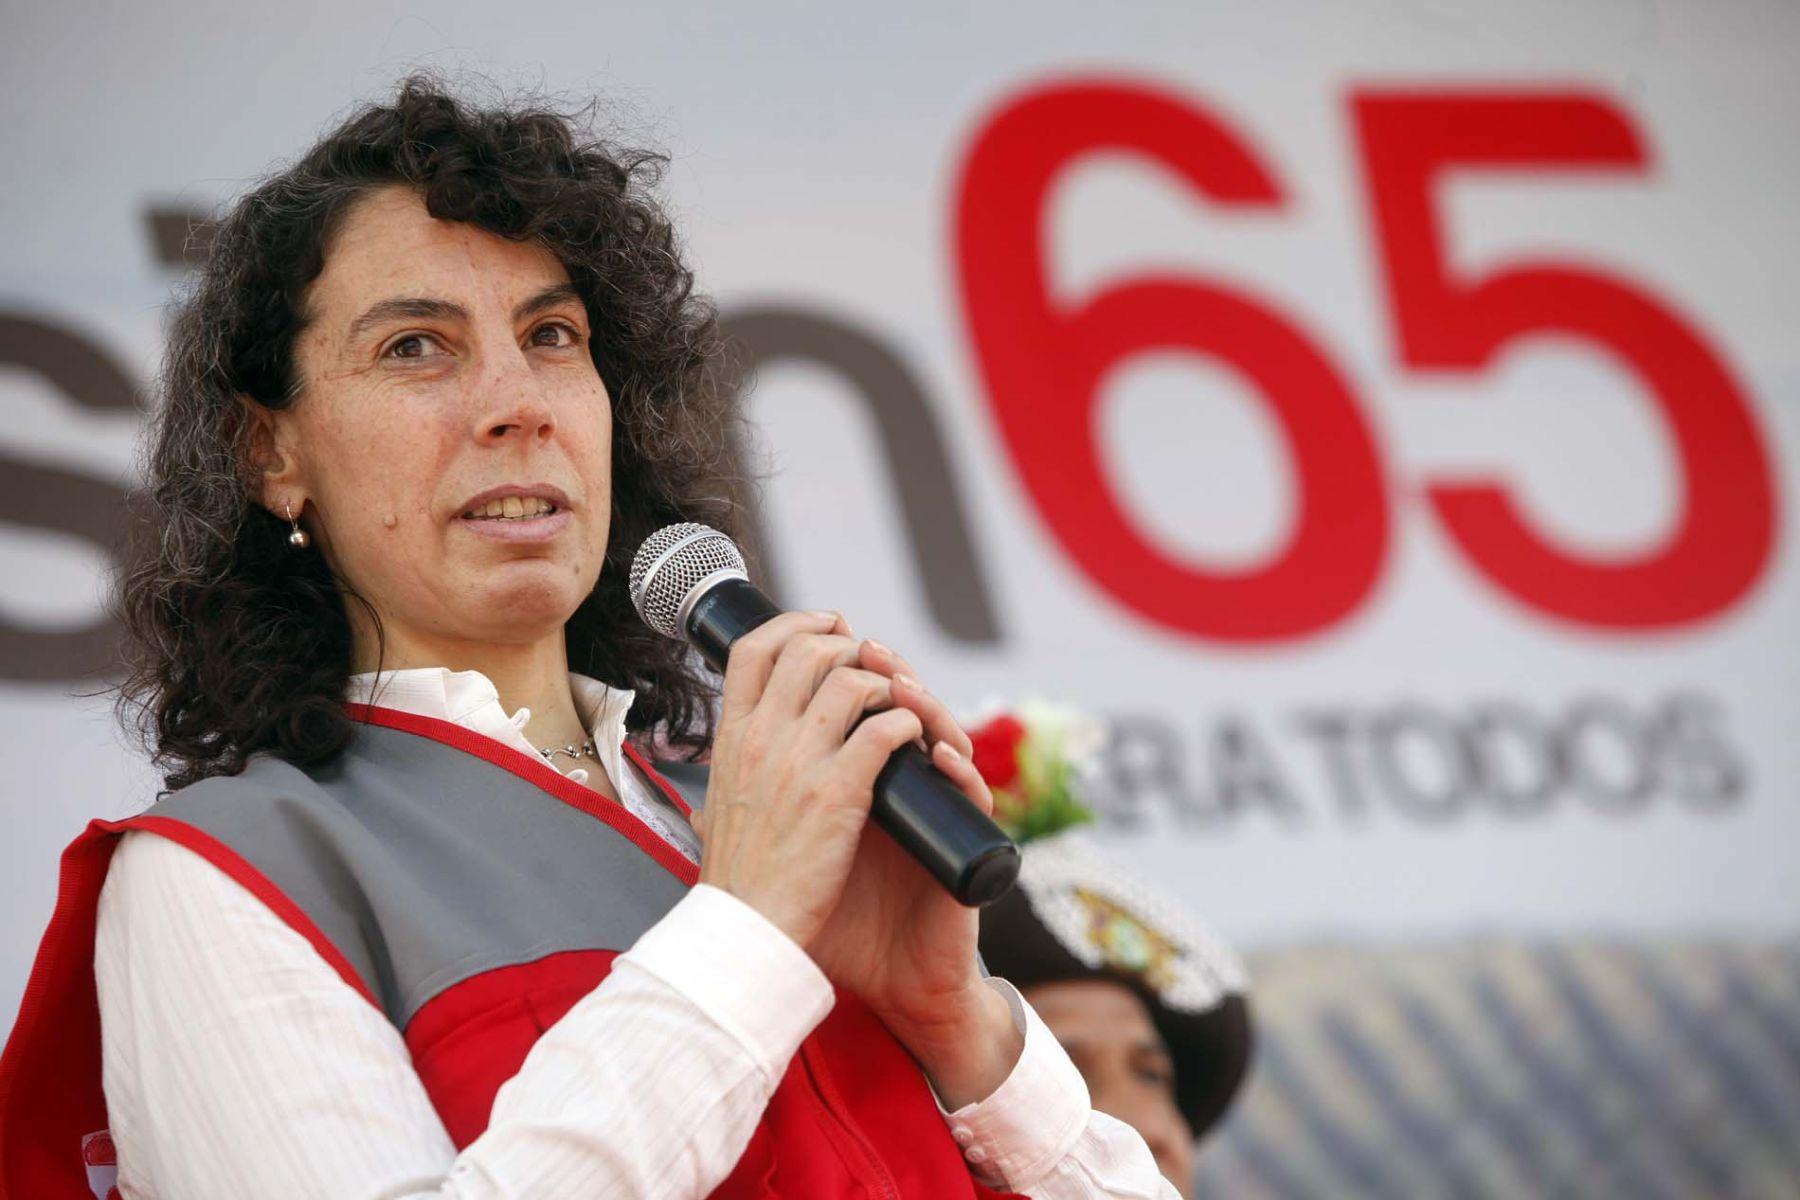 Ministra de Desarrollo e Inclusión Social, Carolina Trivelli. Foto: ANDINA/Luis Iparraguirre